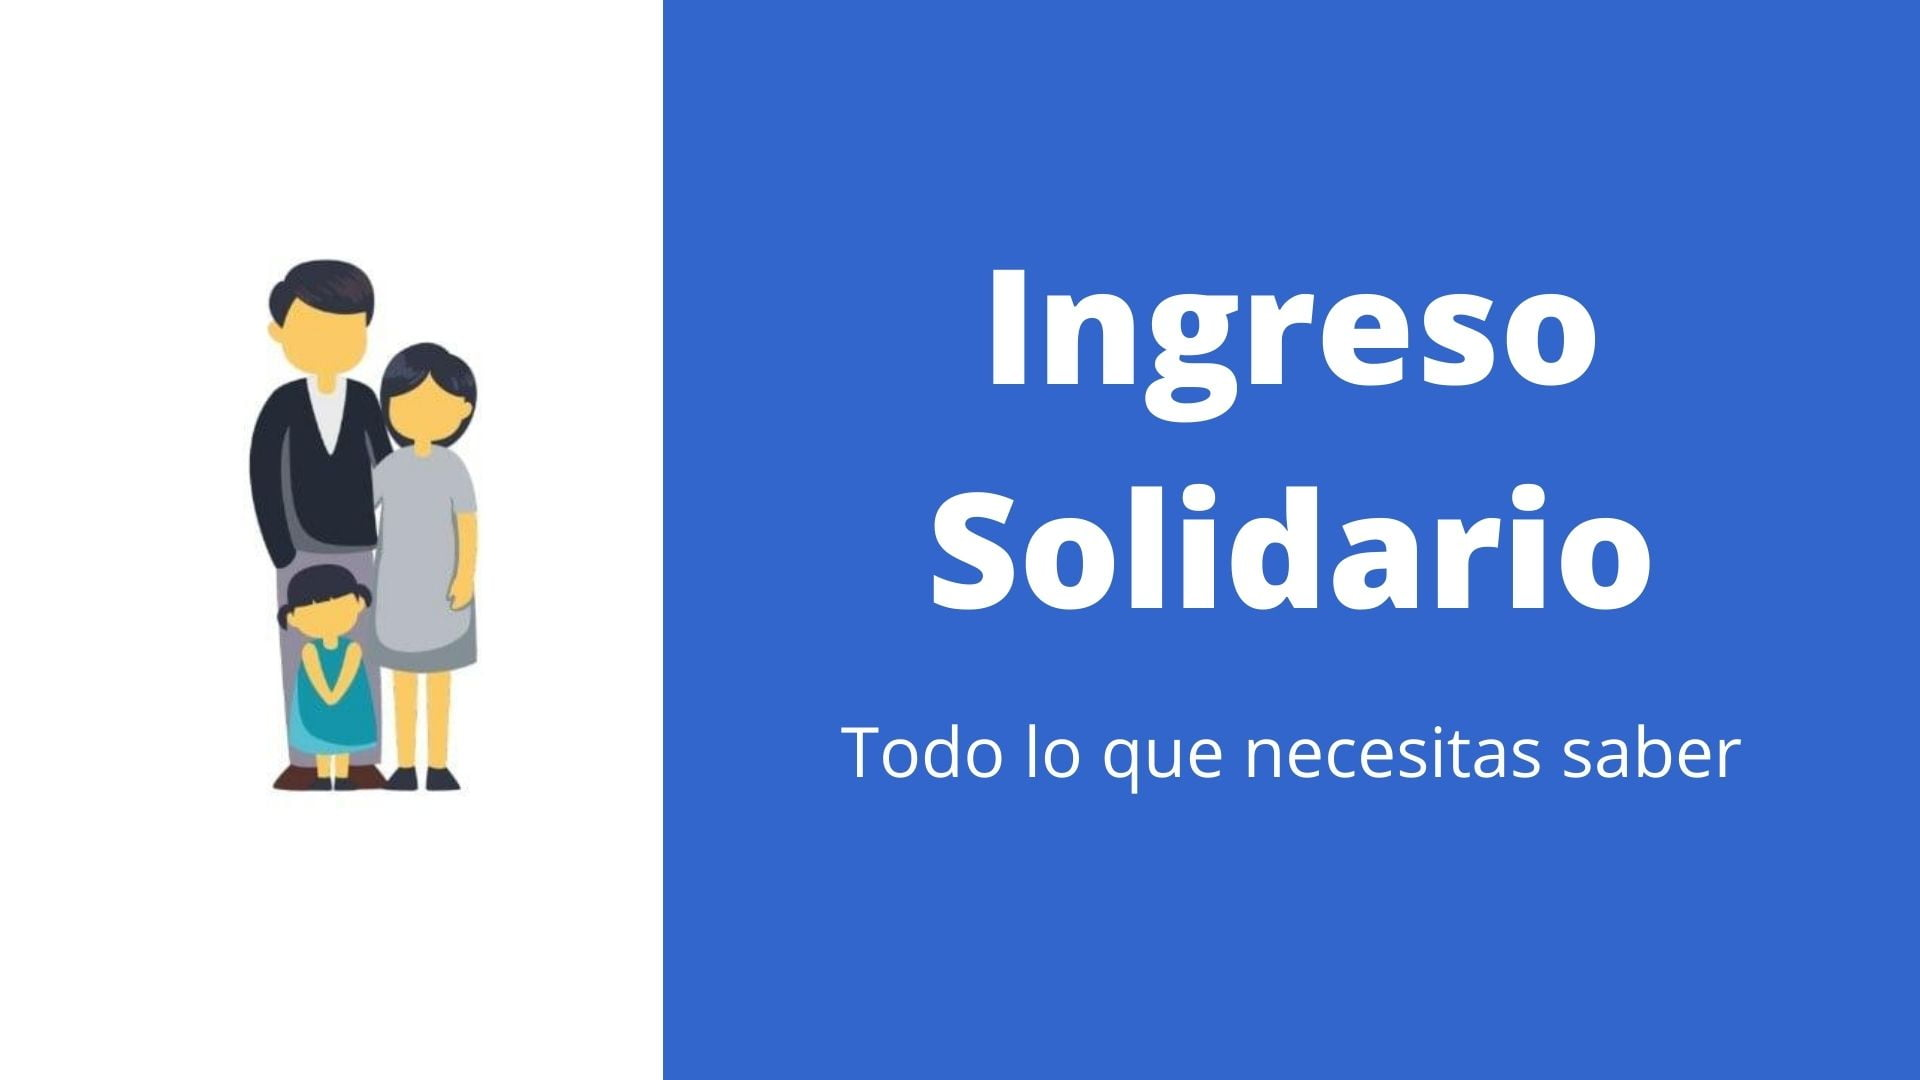 ingreso solidario prosperidad social colombia 2020